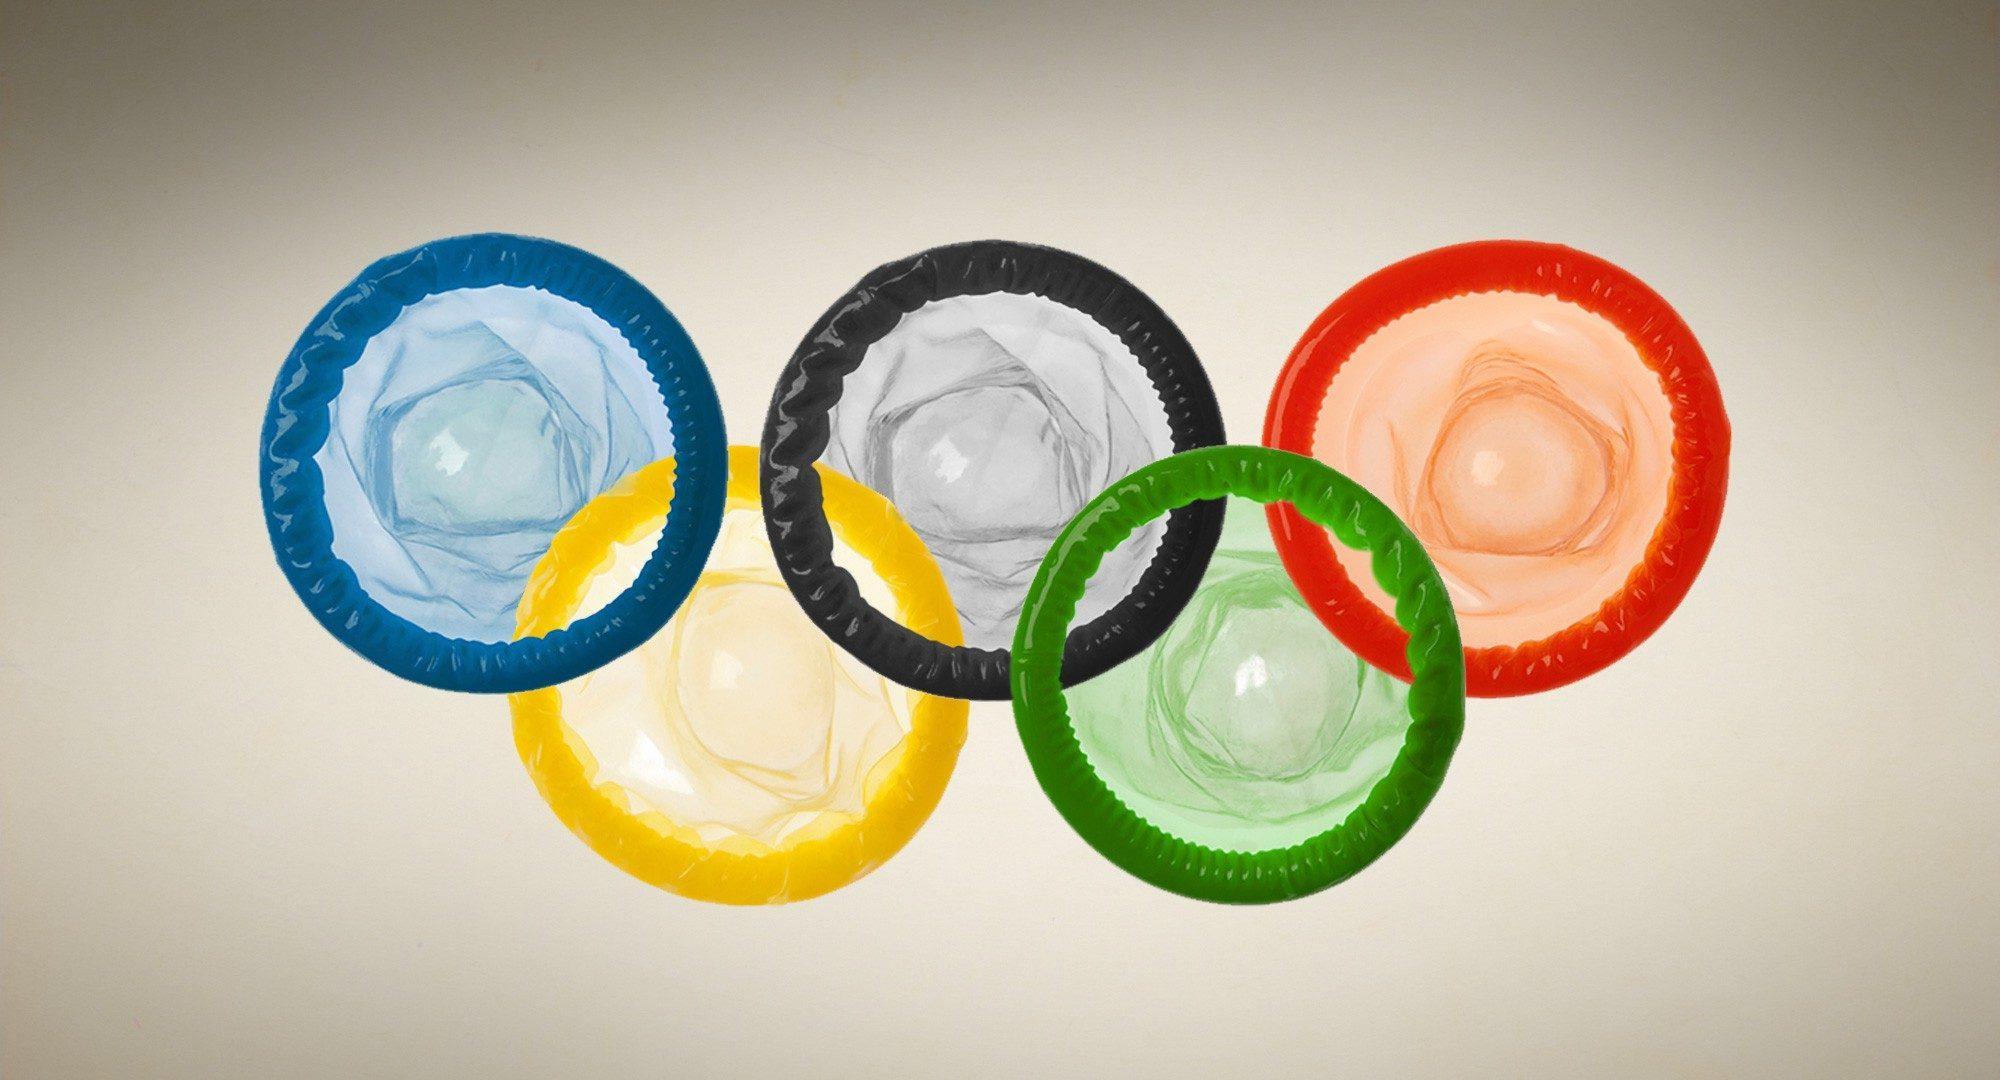 2018 Kış Olimpiyatları İçin Sporculara Rekor Sayıda Prezervatif Dağıtıldı!